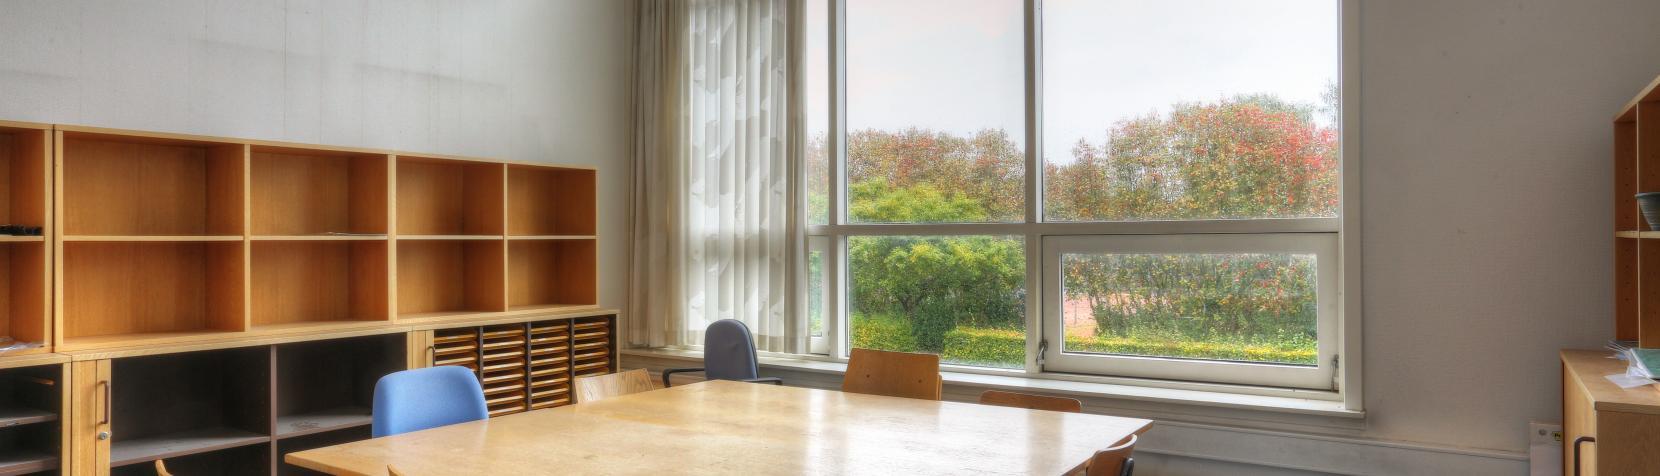 Foto: Birkerød Badmintonhal - indendørs - mødelokalet